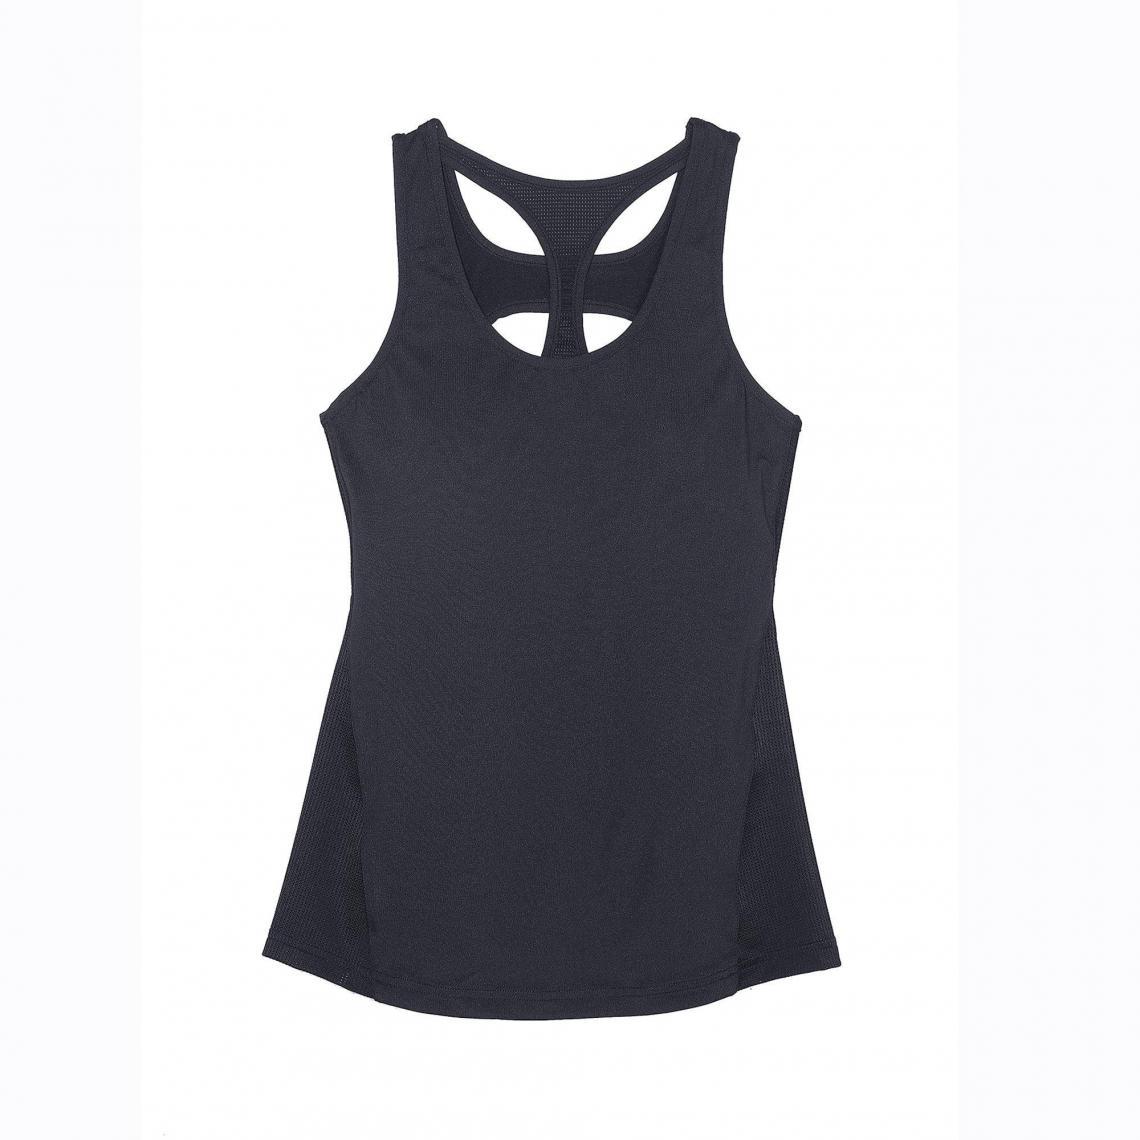 Tee-shirt avec soutien-gorge sans manches - 3 SUISSES - Modalova